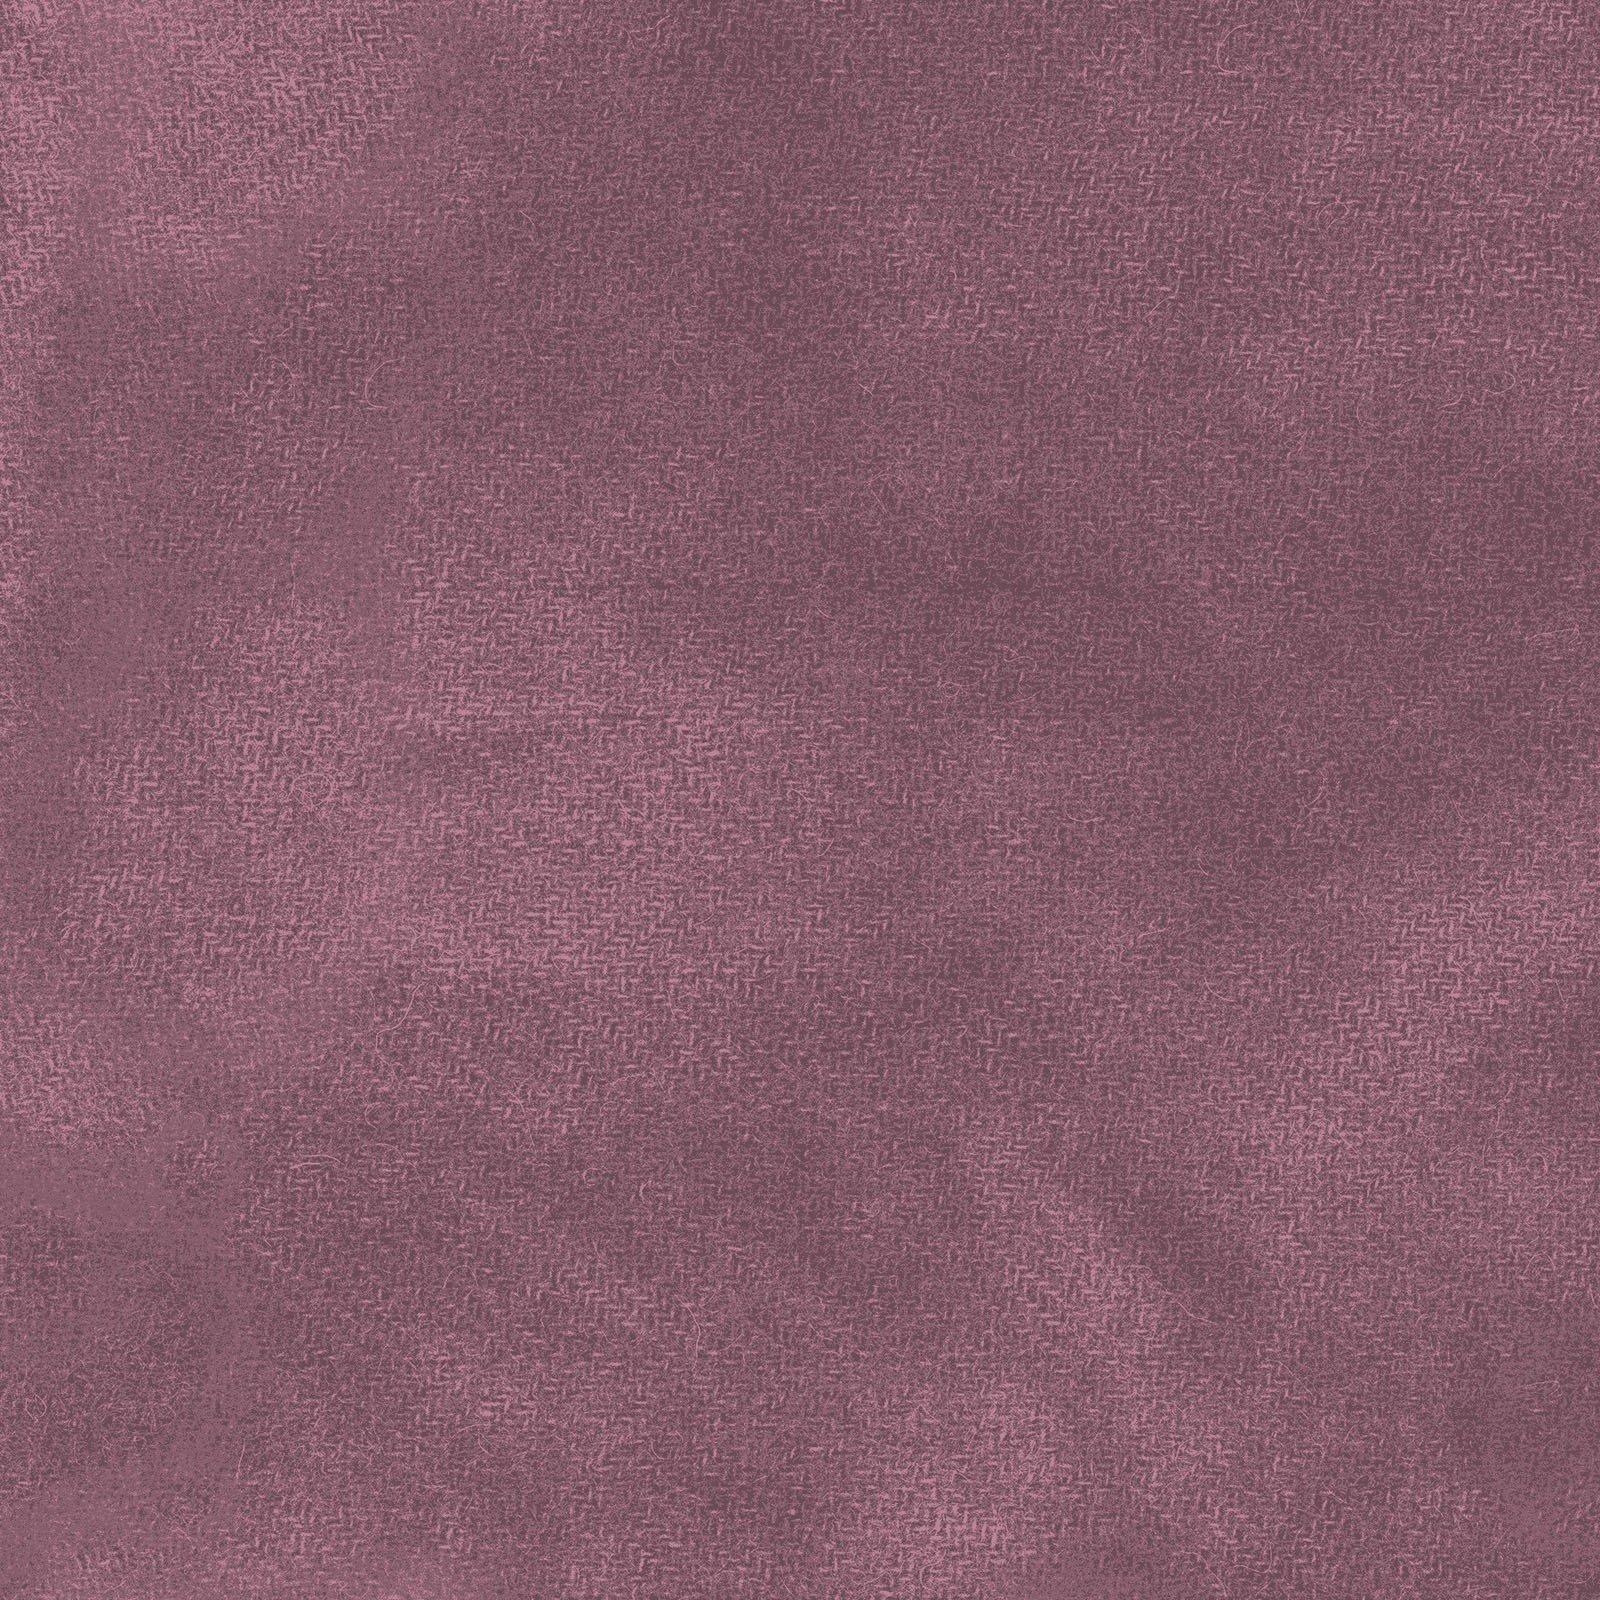 Color Wash Woolies Flannel F9200-V2 Violet Blush